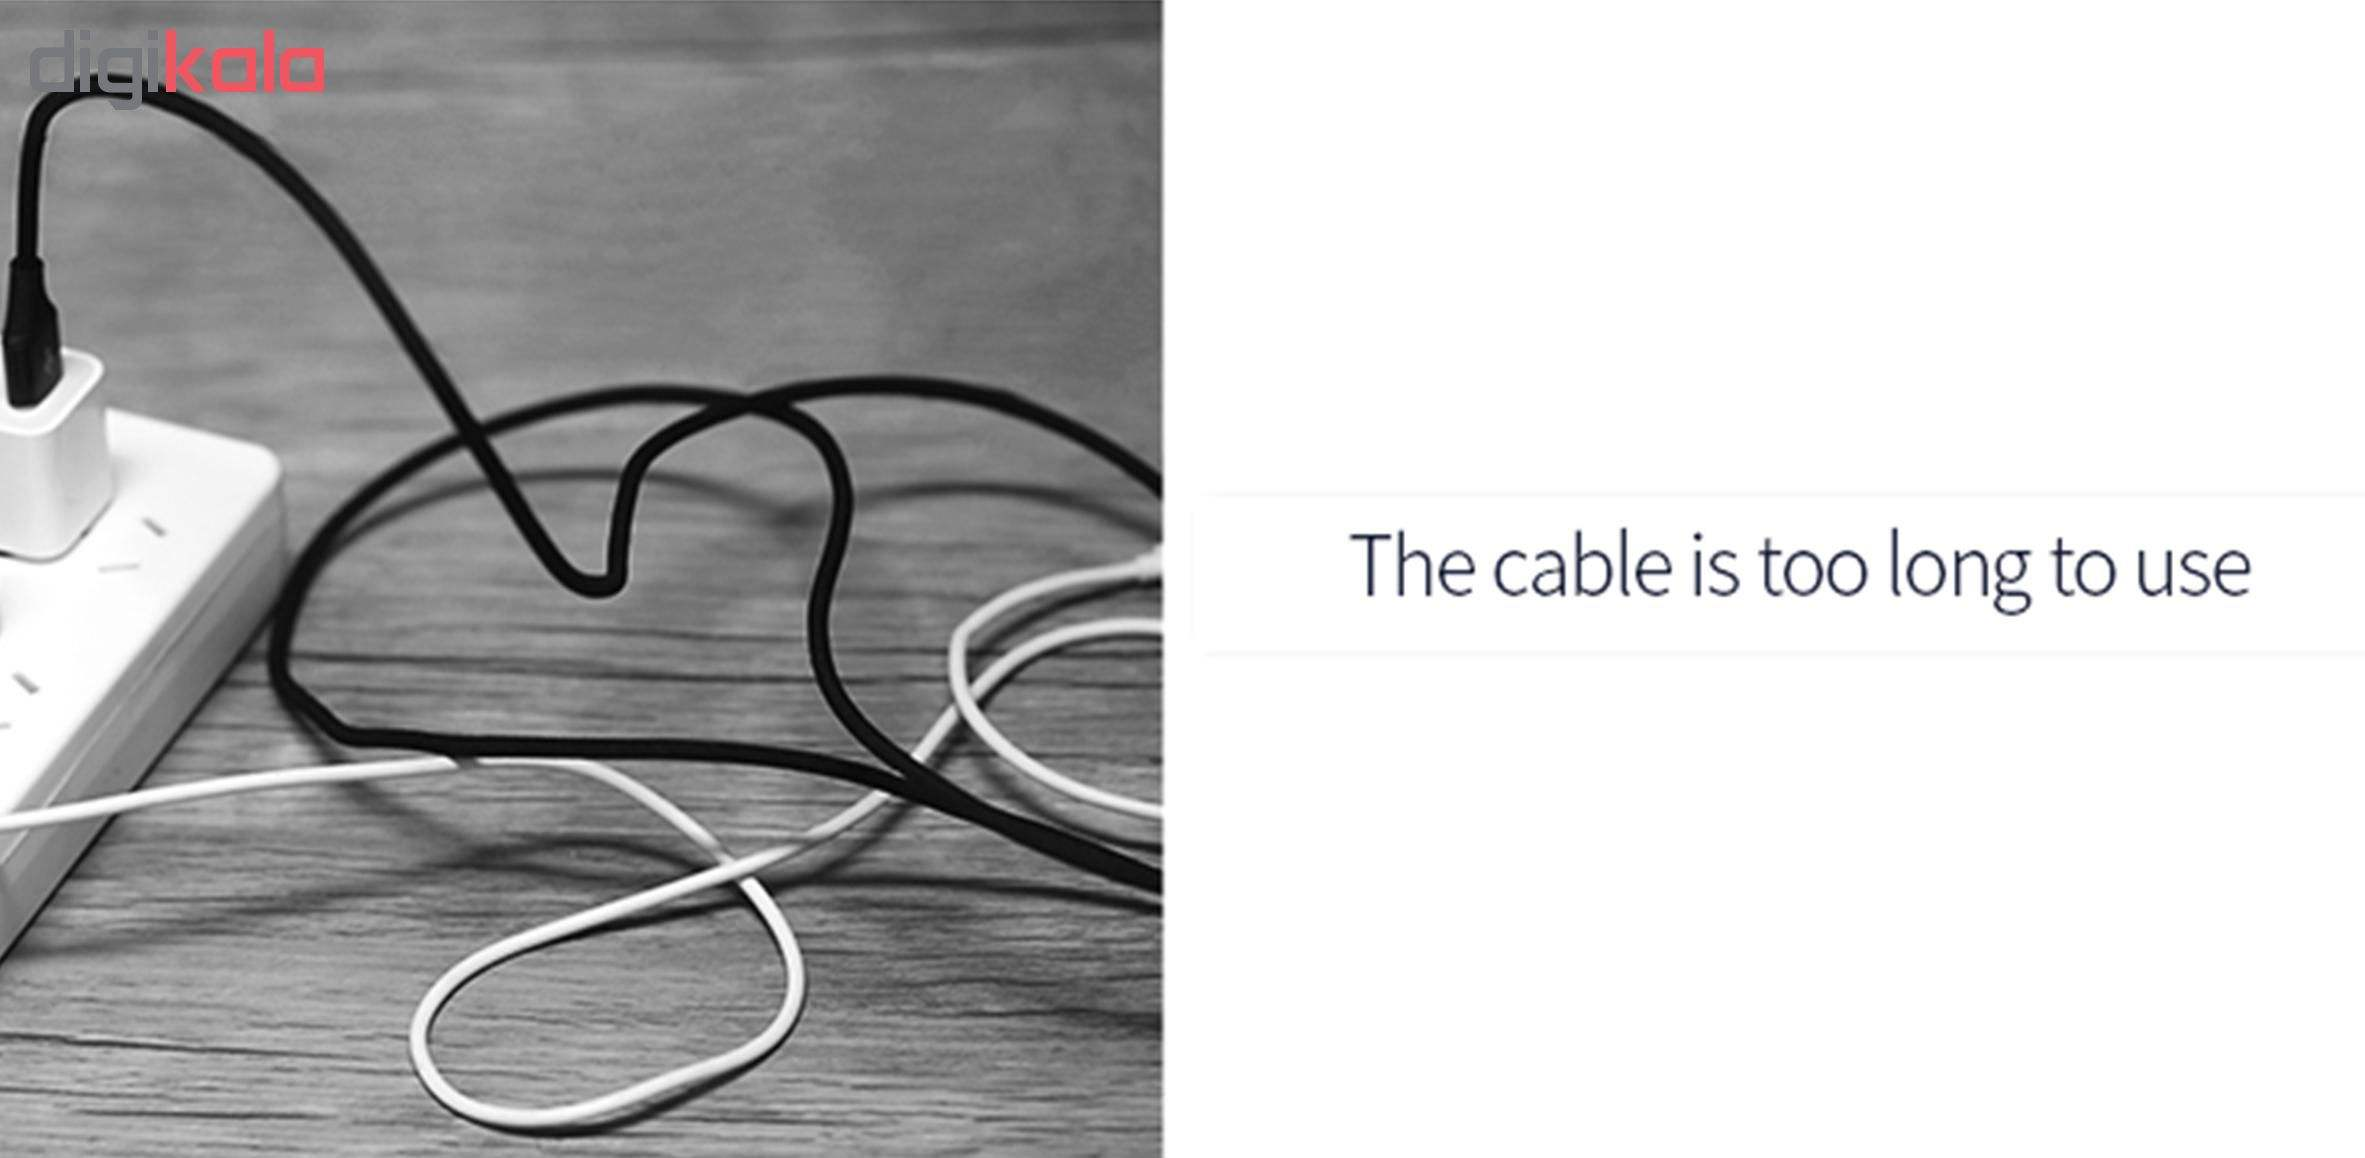 کابل تبدیل USB به لایتنینگ/ micro USB /USB-C یوسمز مدل US-SJ263 طول 1 متر main 1 13